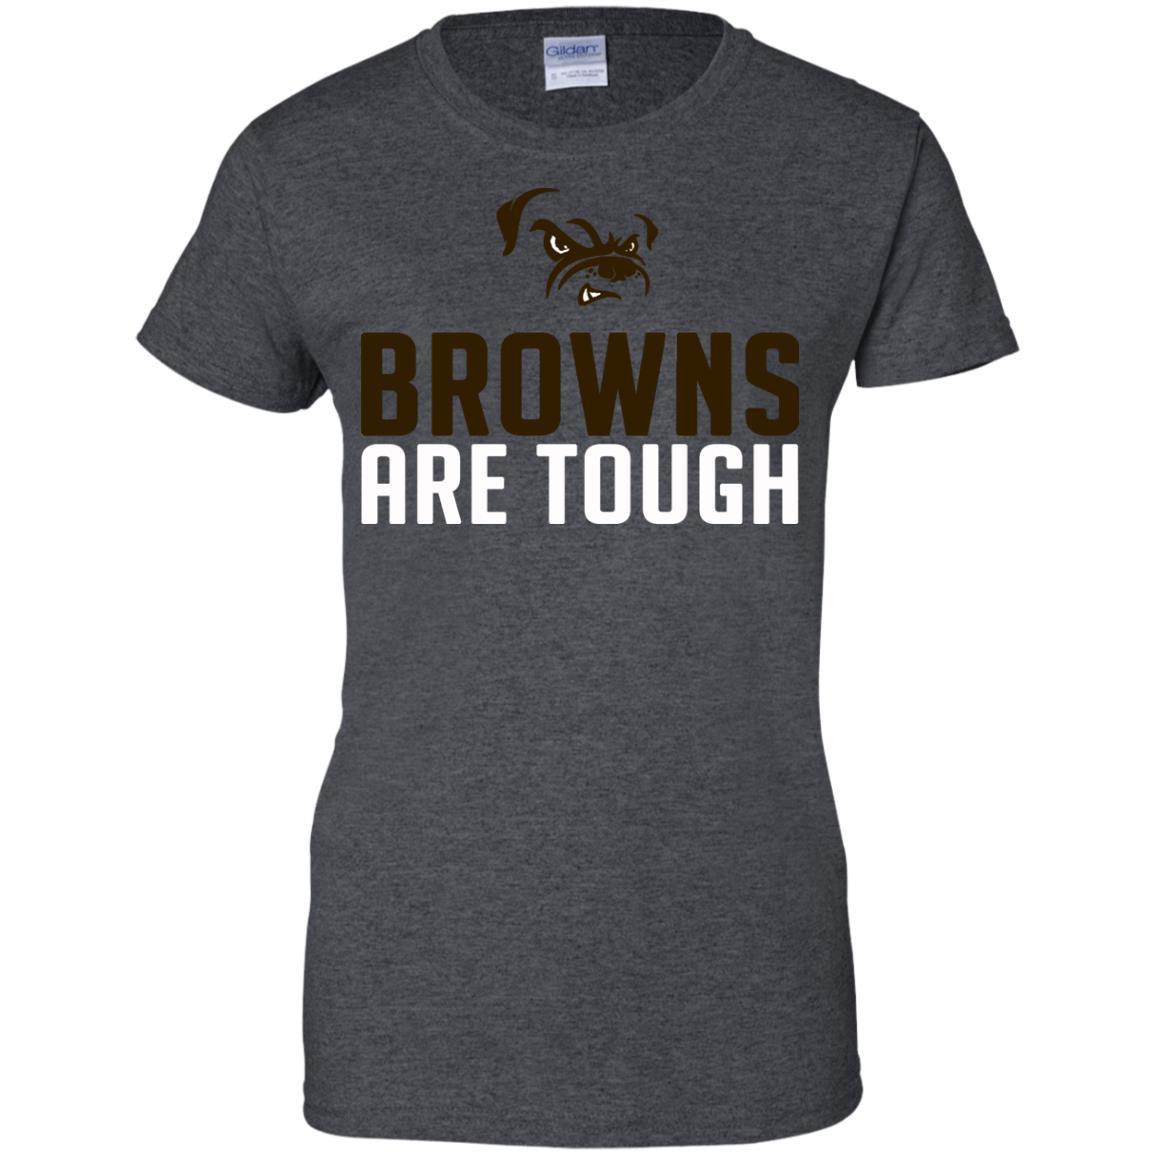 image 2485 - Cleveland Joe Thomas Browns are tough shirt